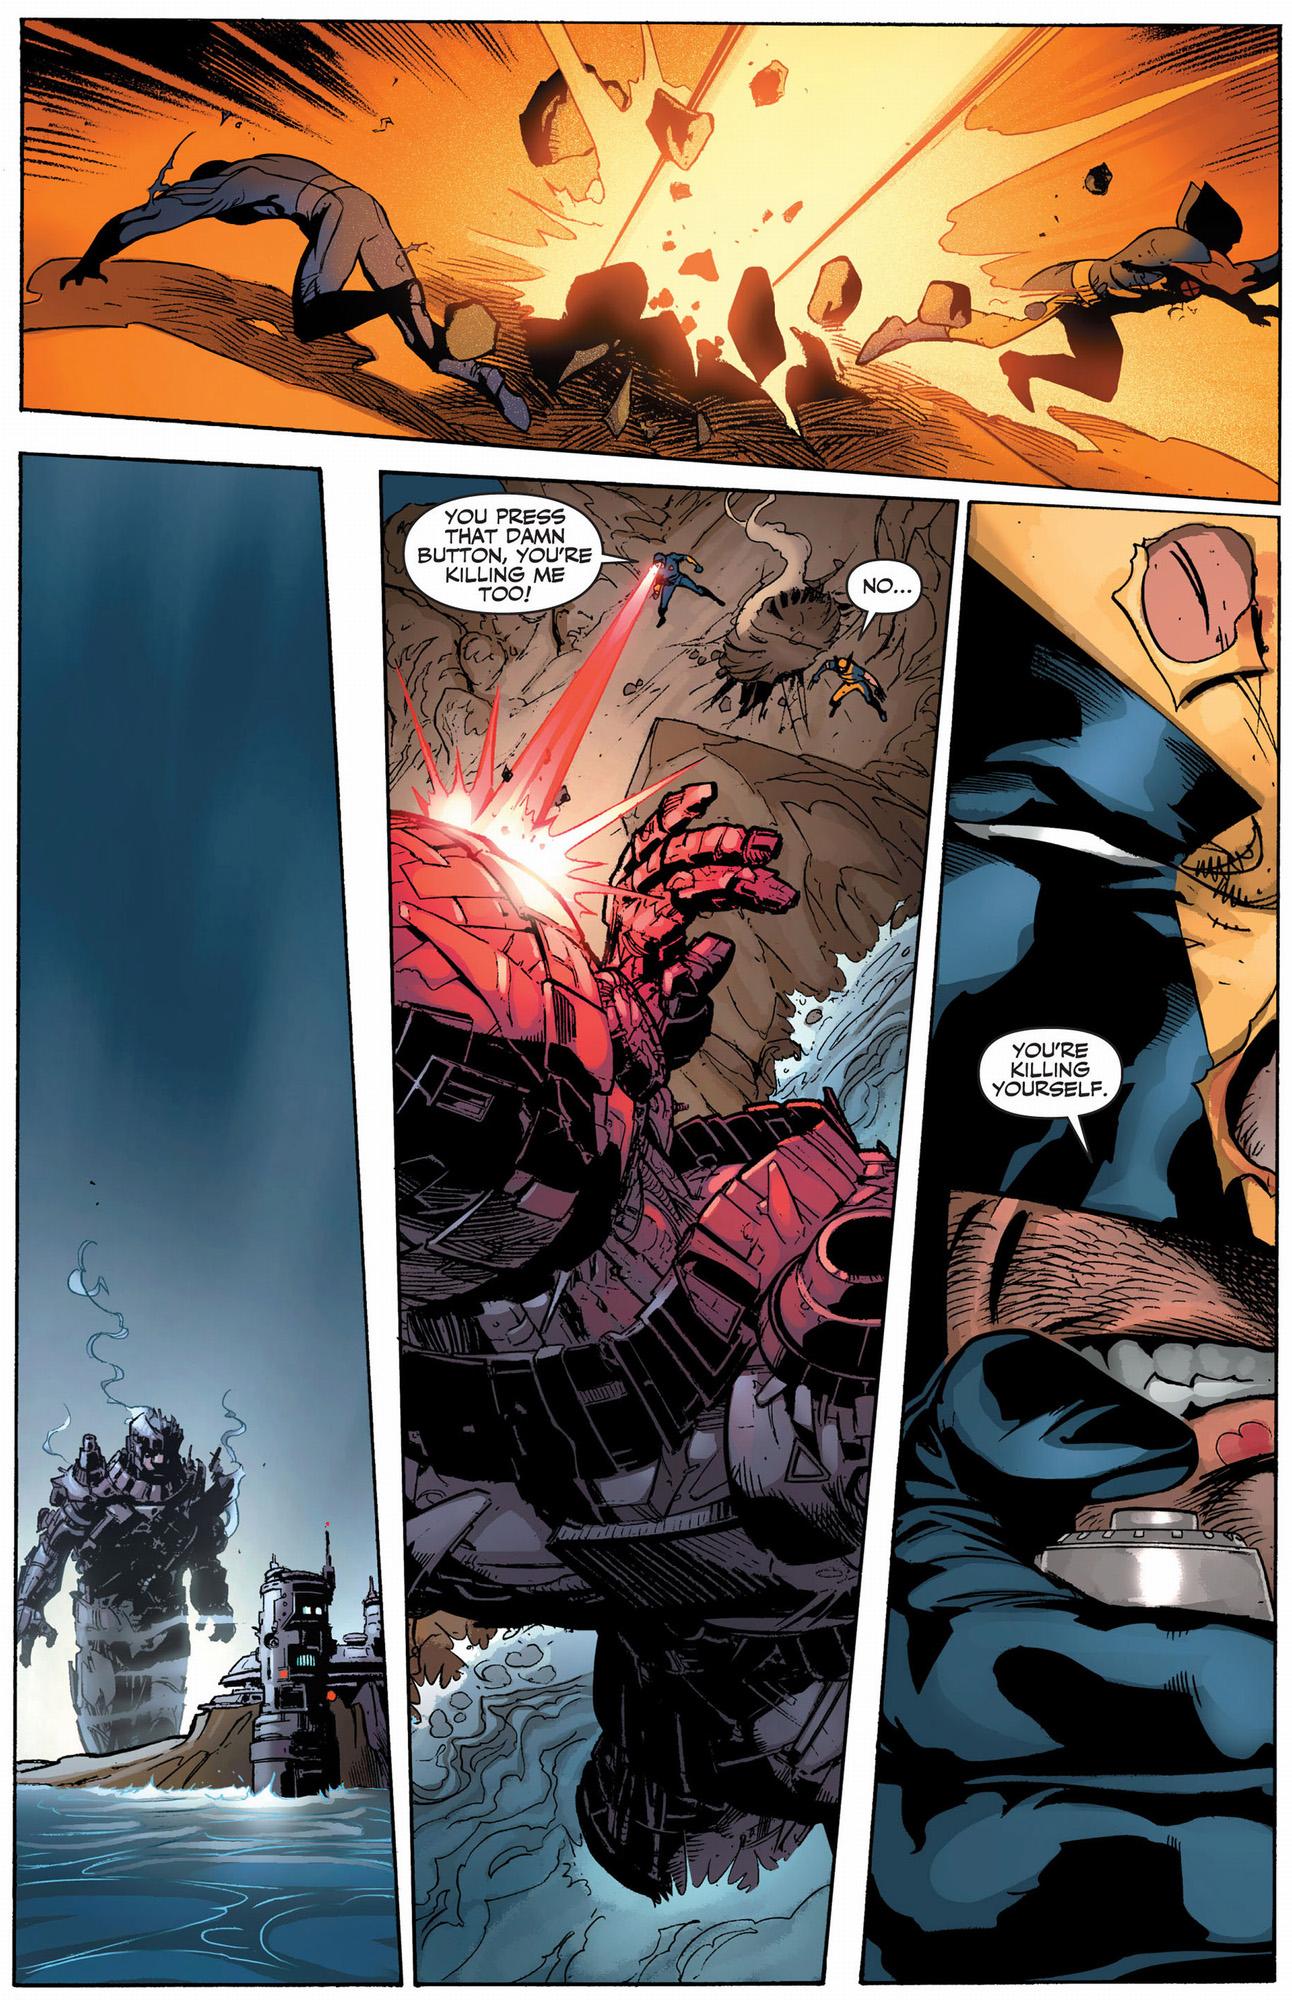 wolverine vs cyclops (schism)